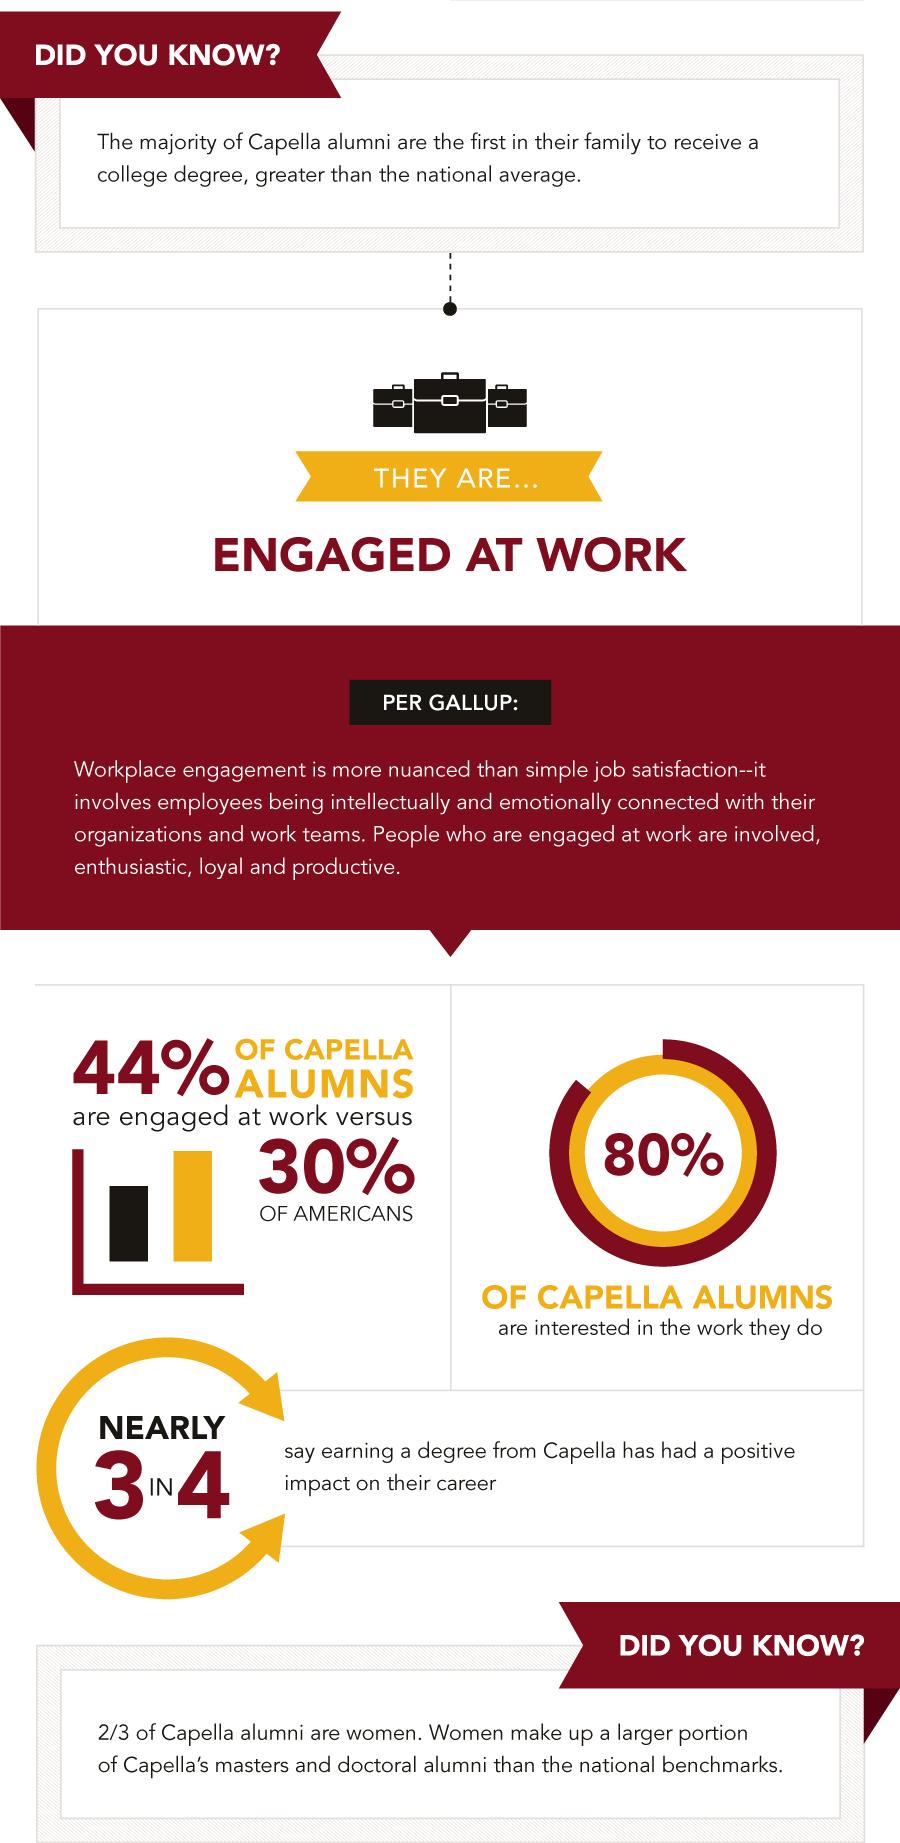 CapellaDegree_infographic_2